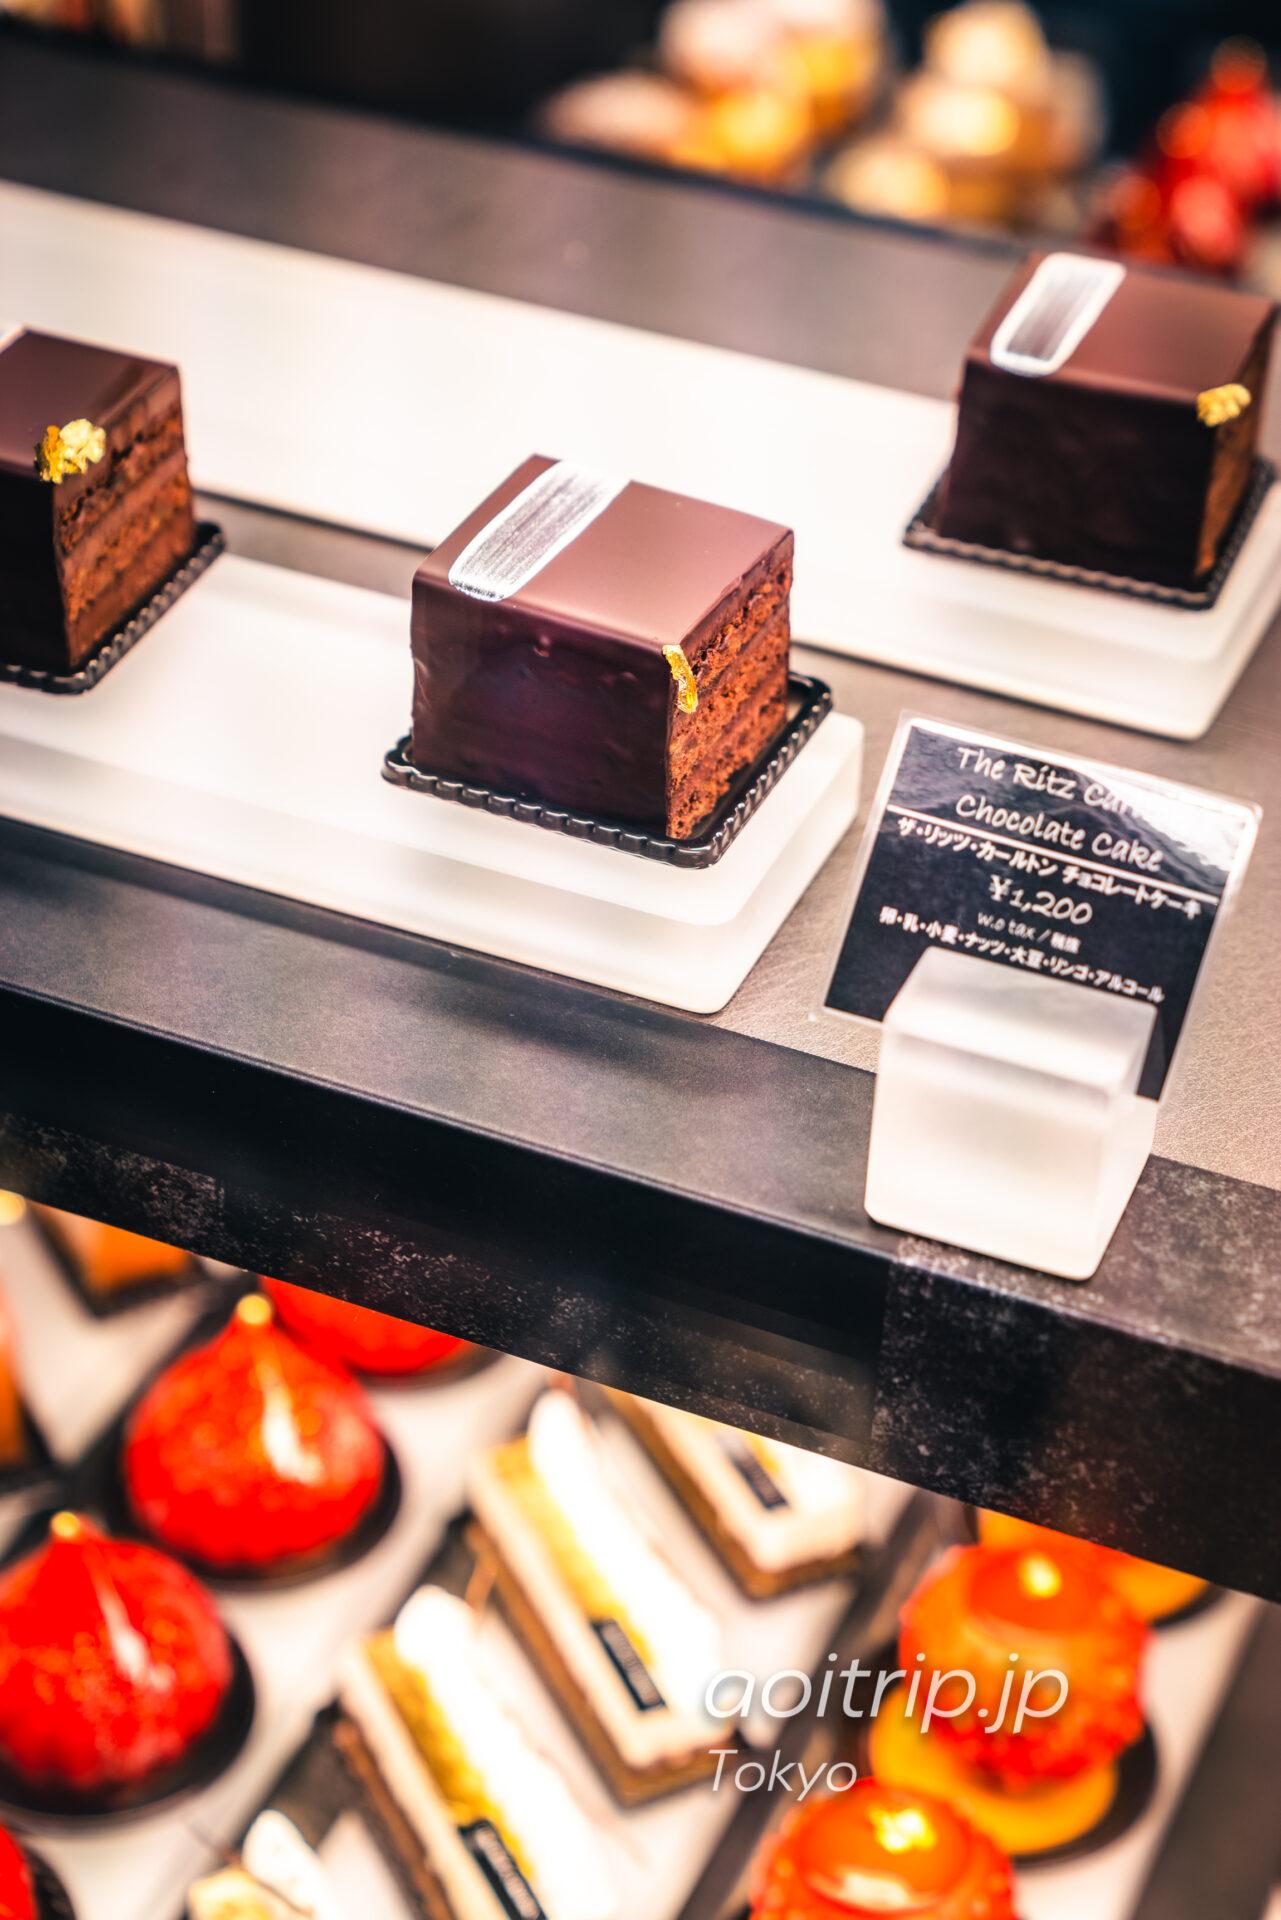 ザ リッツ カールトン カフェ&デリ The Ritz-Carlton Café & Deli ザ リッツ カールトン チョコレートケーキ